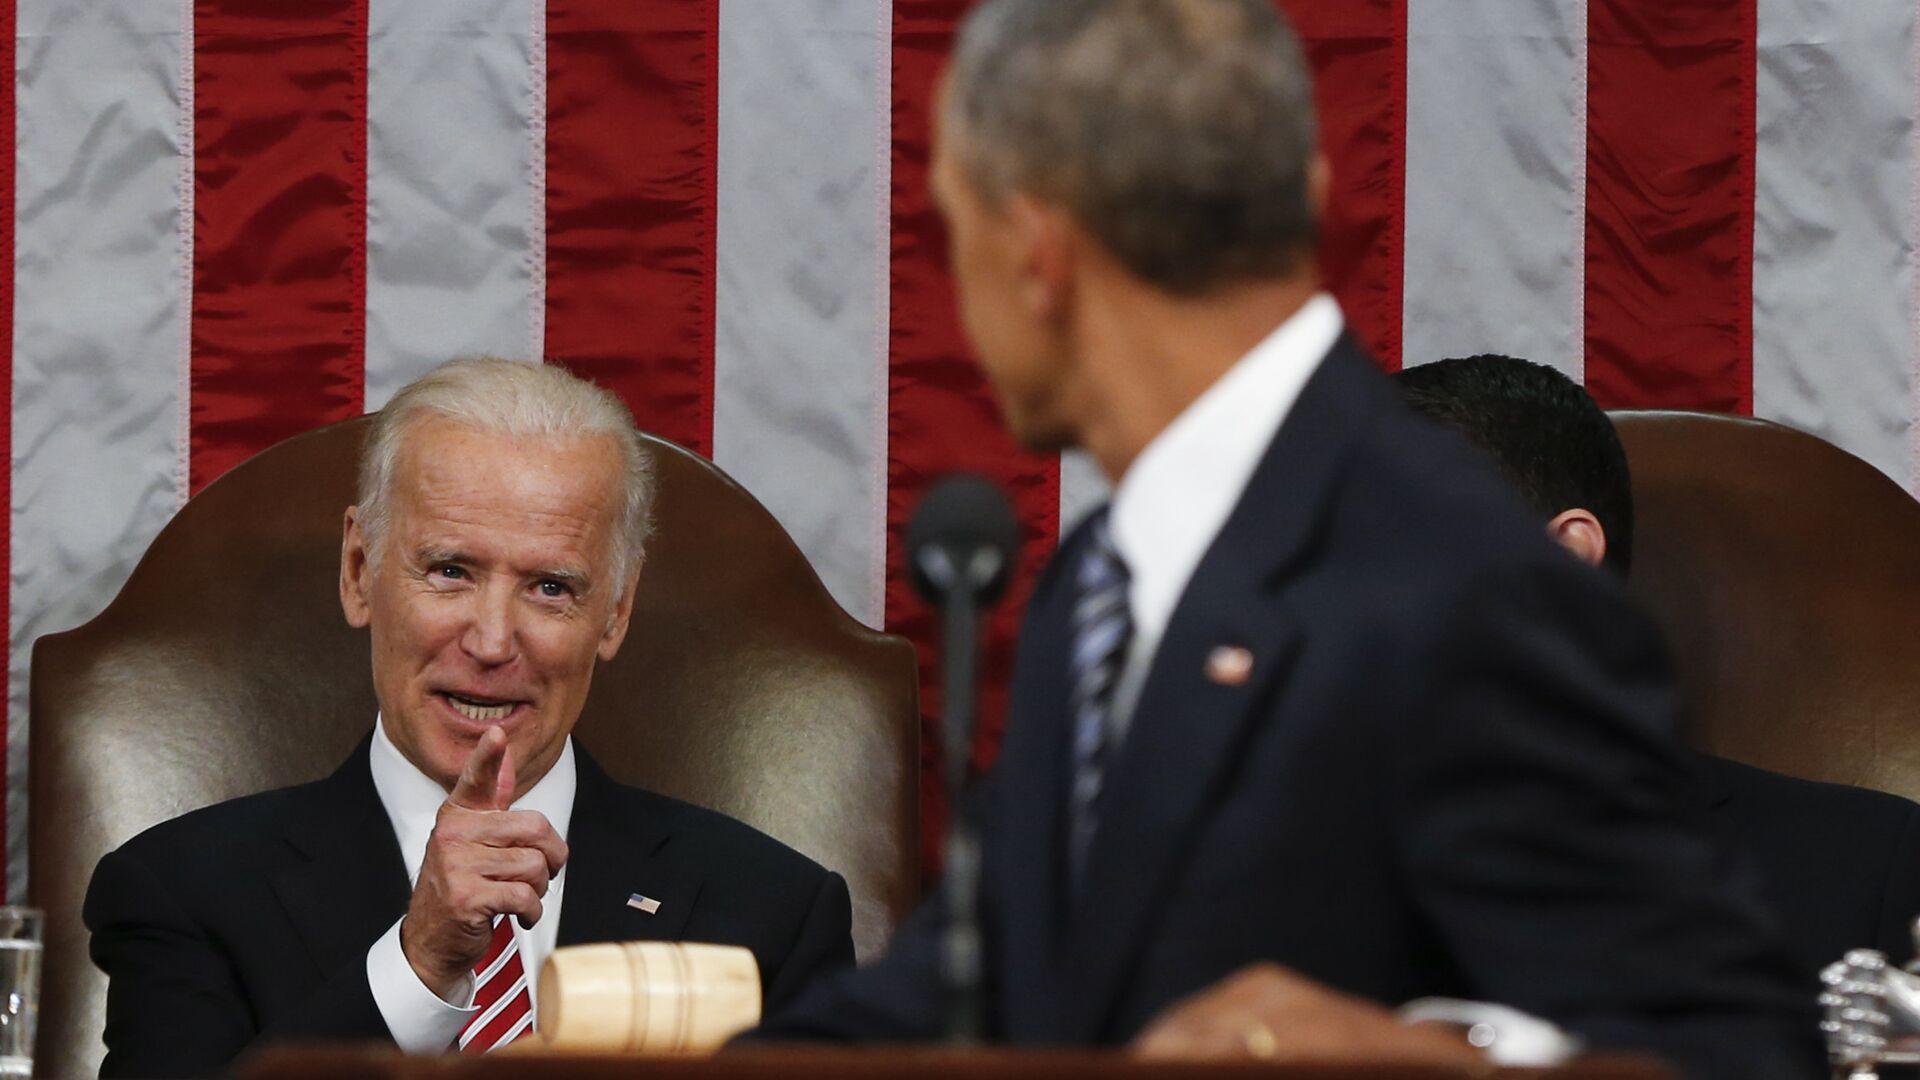 Барак Обама и Джо байден - РИА Новости, 1920, 20.01.2021